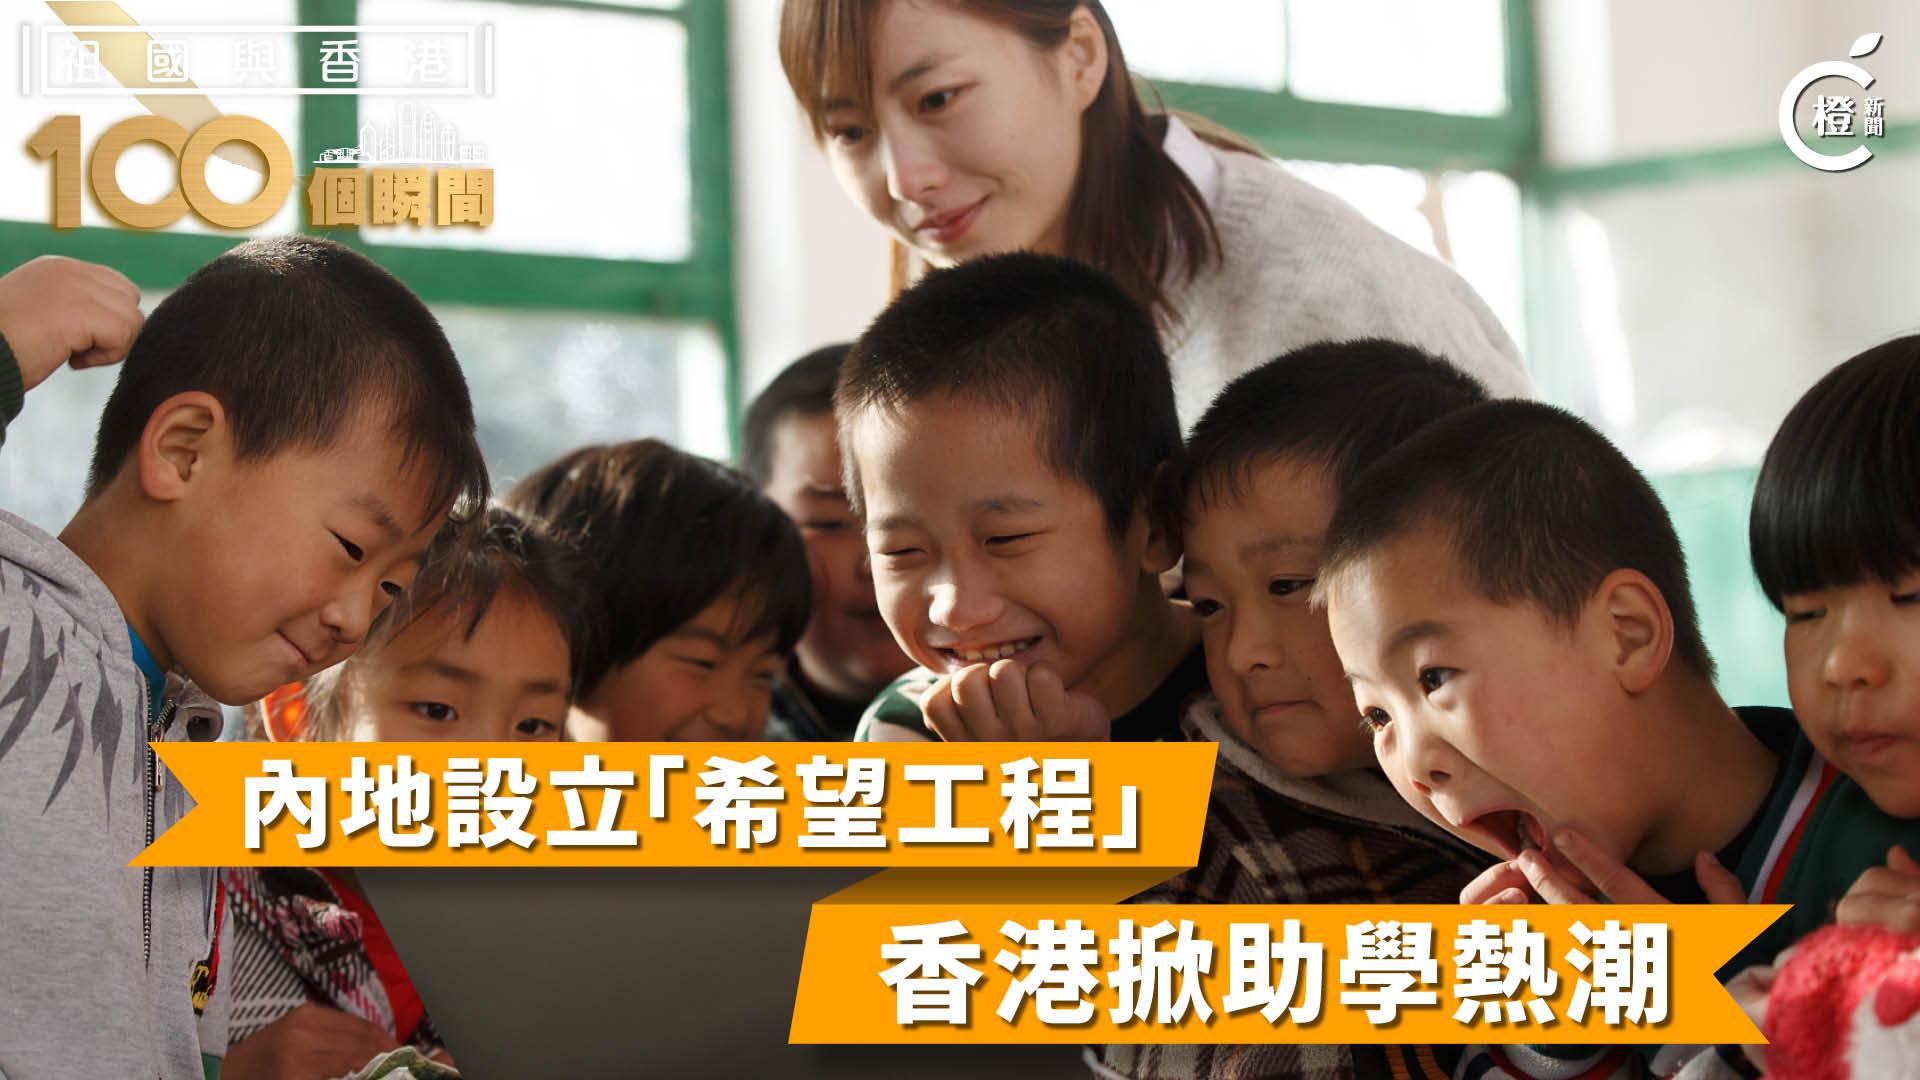 【祖國與香港100個瞬間】內地設立「希望工程」 香港掀助學熱潮